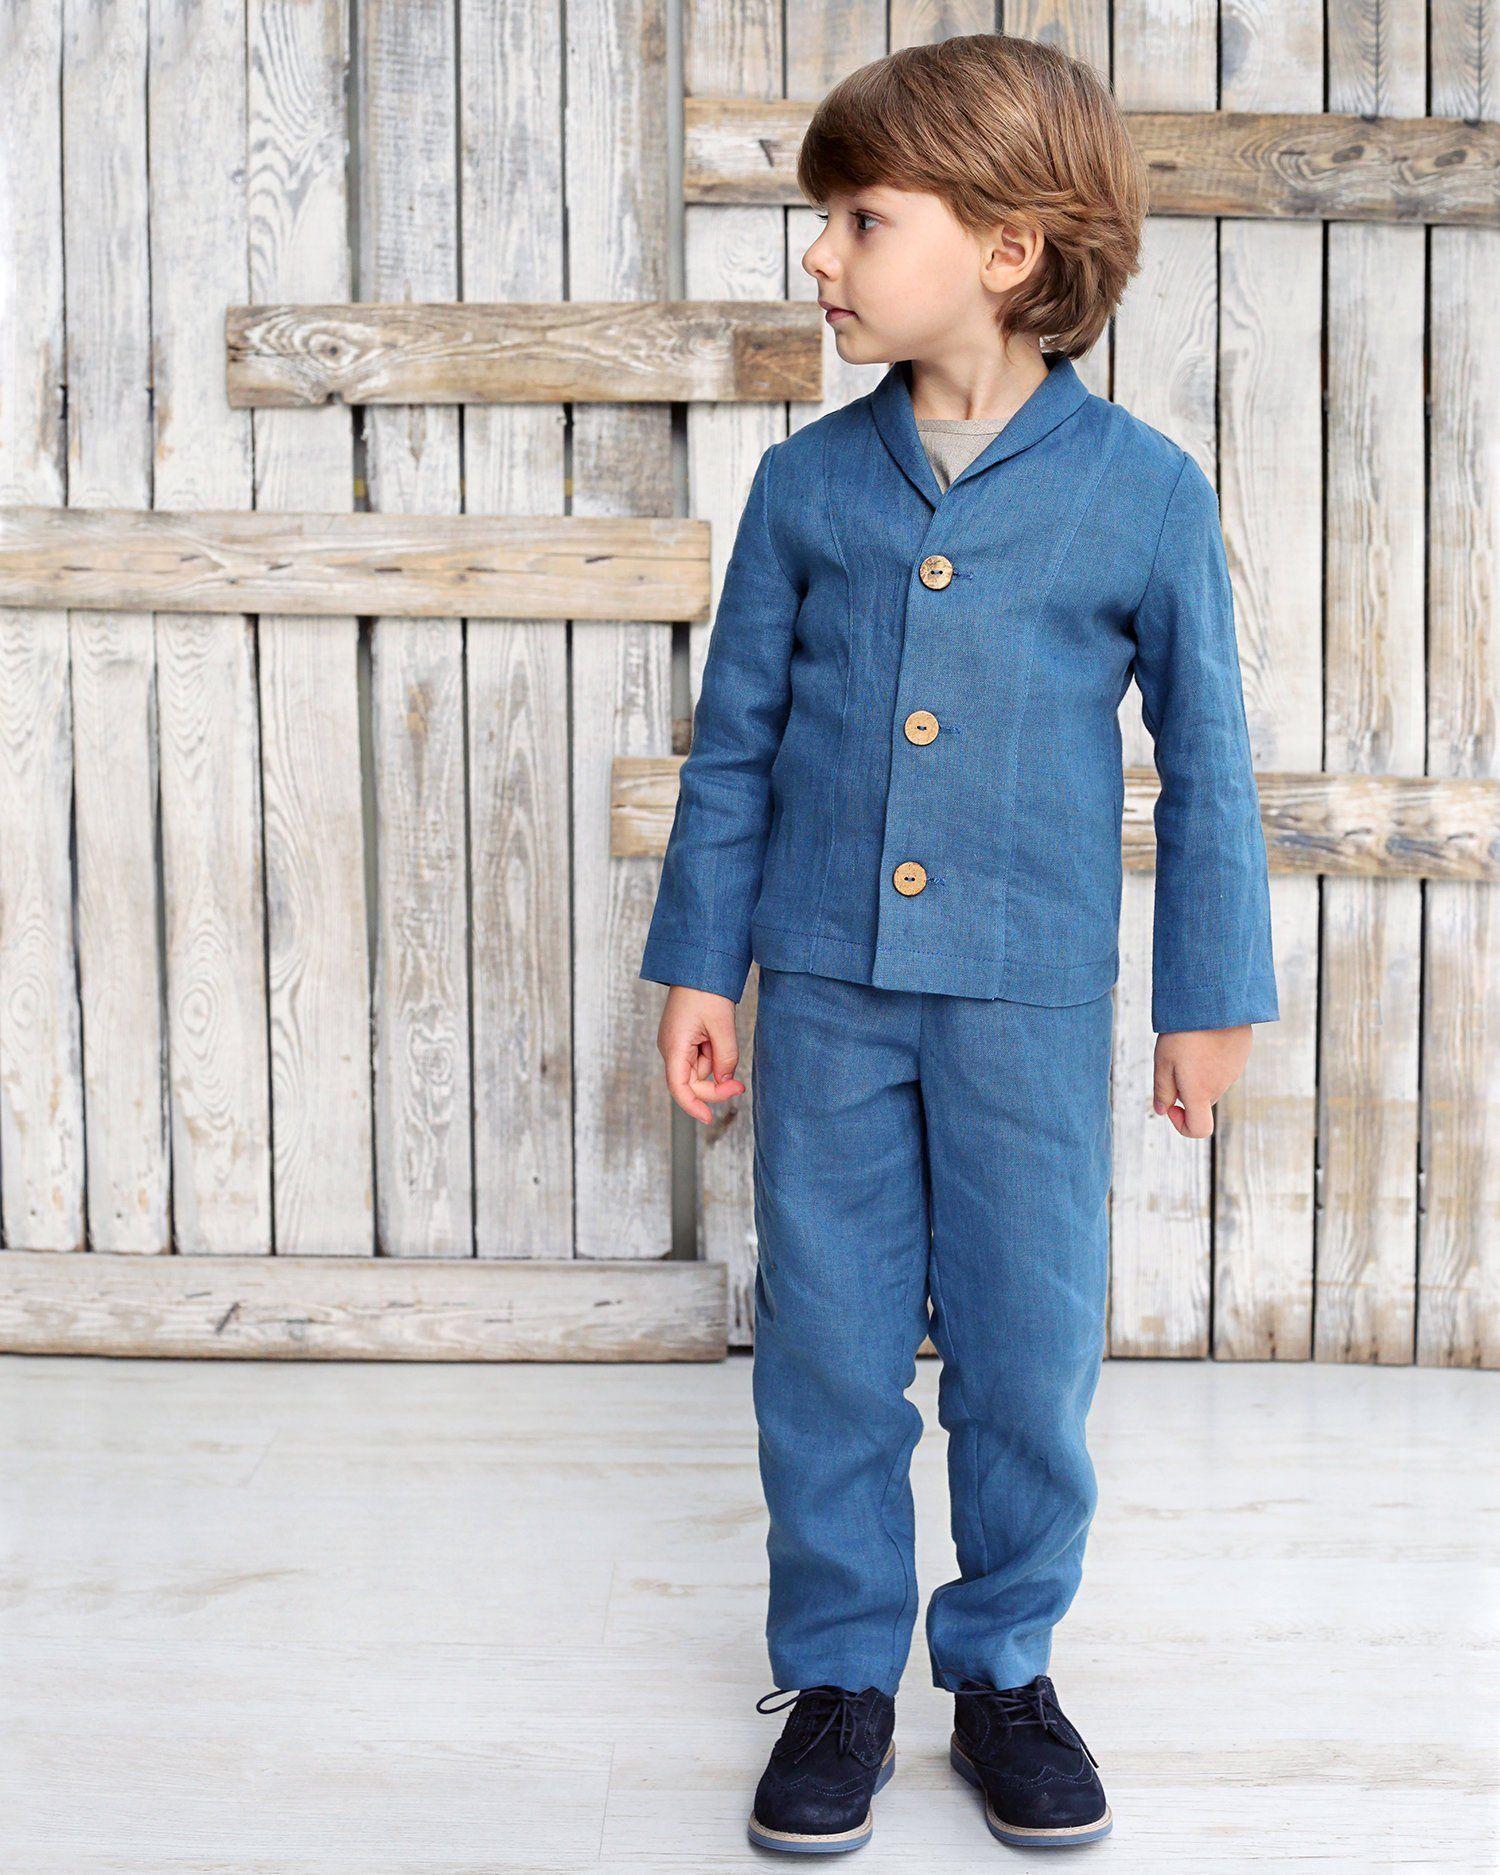 b67830e86057a Boys linen suit, Boys suit set, Toddler suits, Linen boys outfit, Boys suit,  Linen boys outfit, Linen boys suit set, Boys clothing sets by  TinyWhiteStore on ...